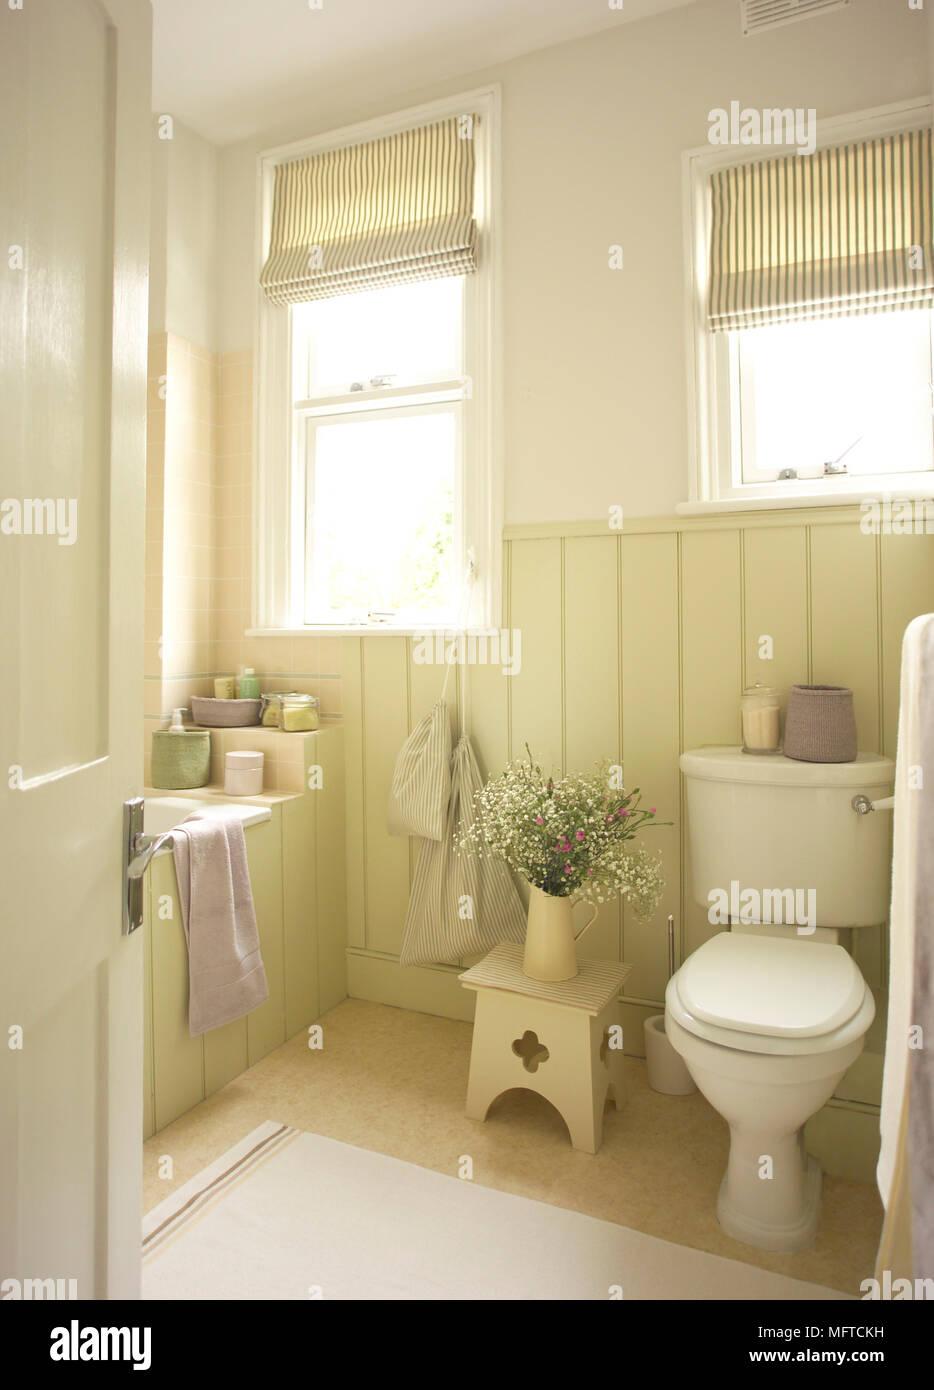 Foto Bagni Stile Country vista in stile country bagno con pannelli in legno foto